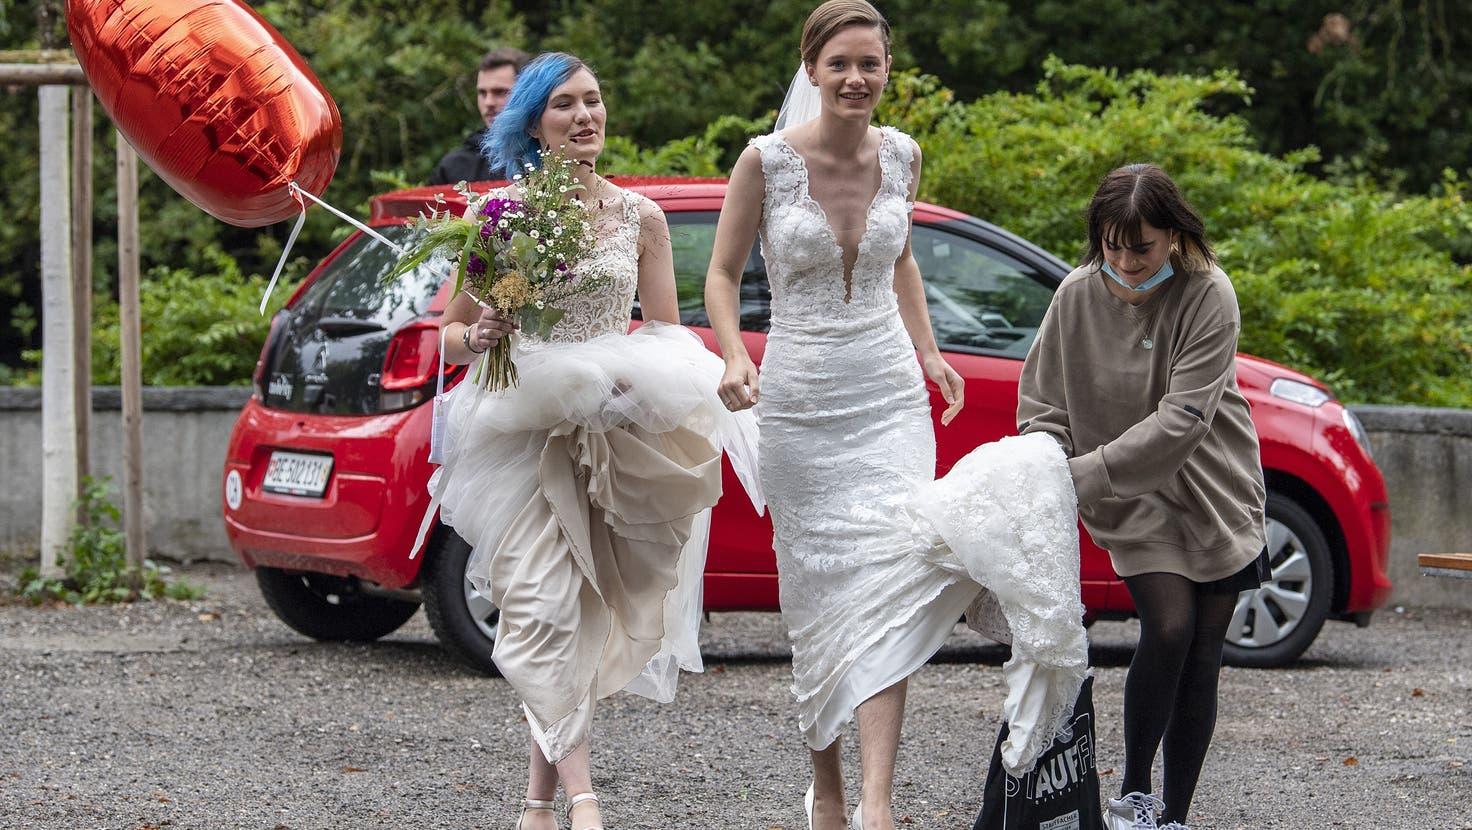 Die «Ehe für alle»-Vorlage wird in allen Ostschweizer Kantonen angenommen, in Appenzell Innerrhoden jedoch nur knapp. (Bild: Key/Peter Schneider)